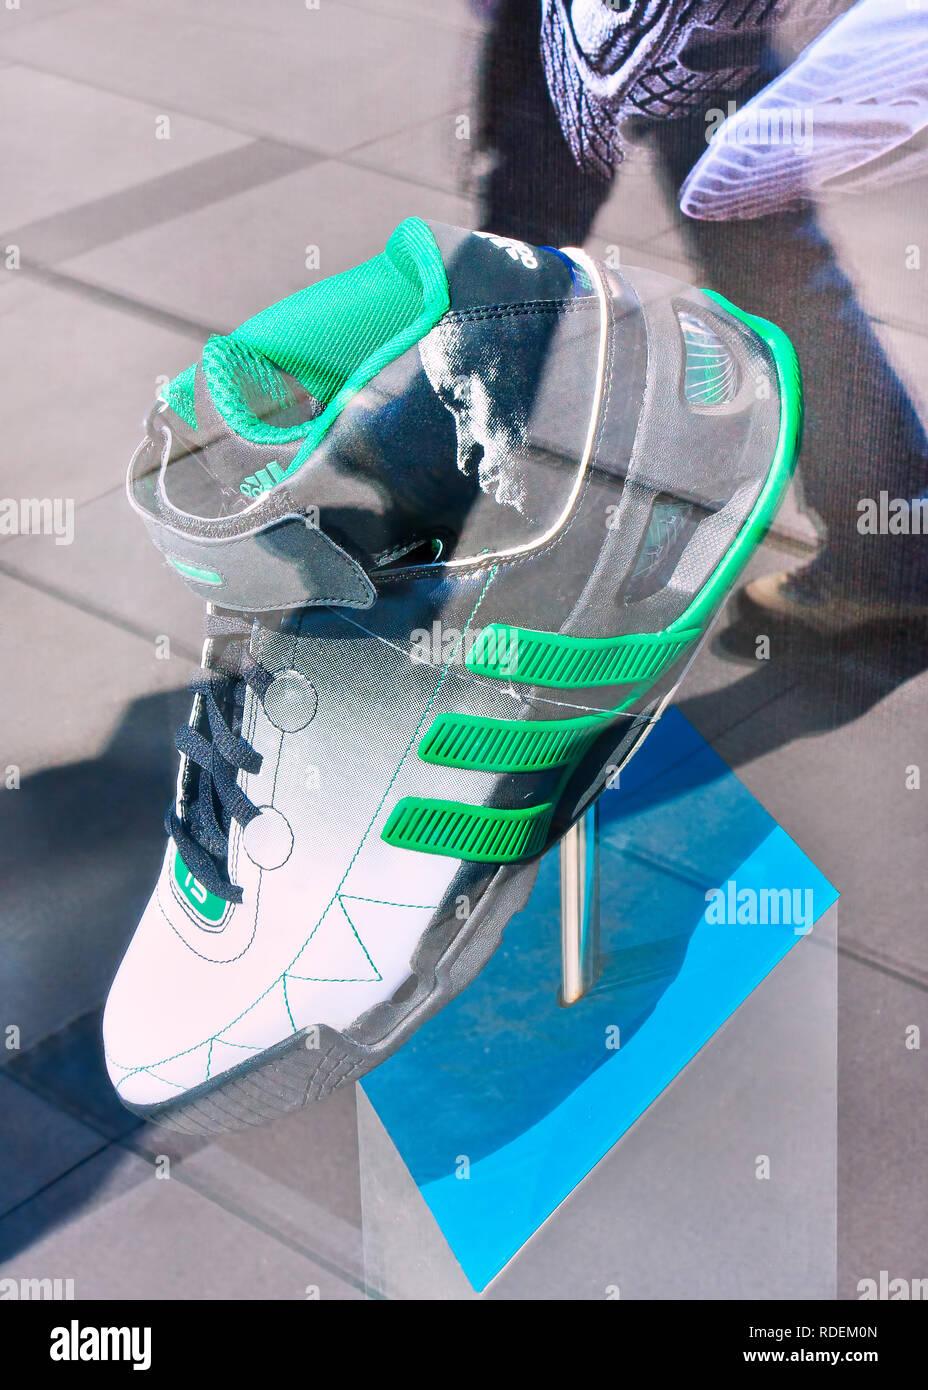 Adidas Schuh angezeigt. Unternehmen Adidas Sport eingegeben